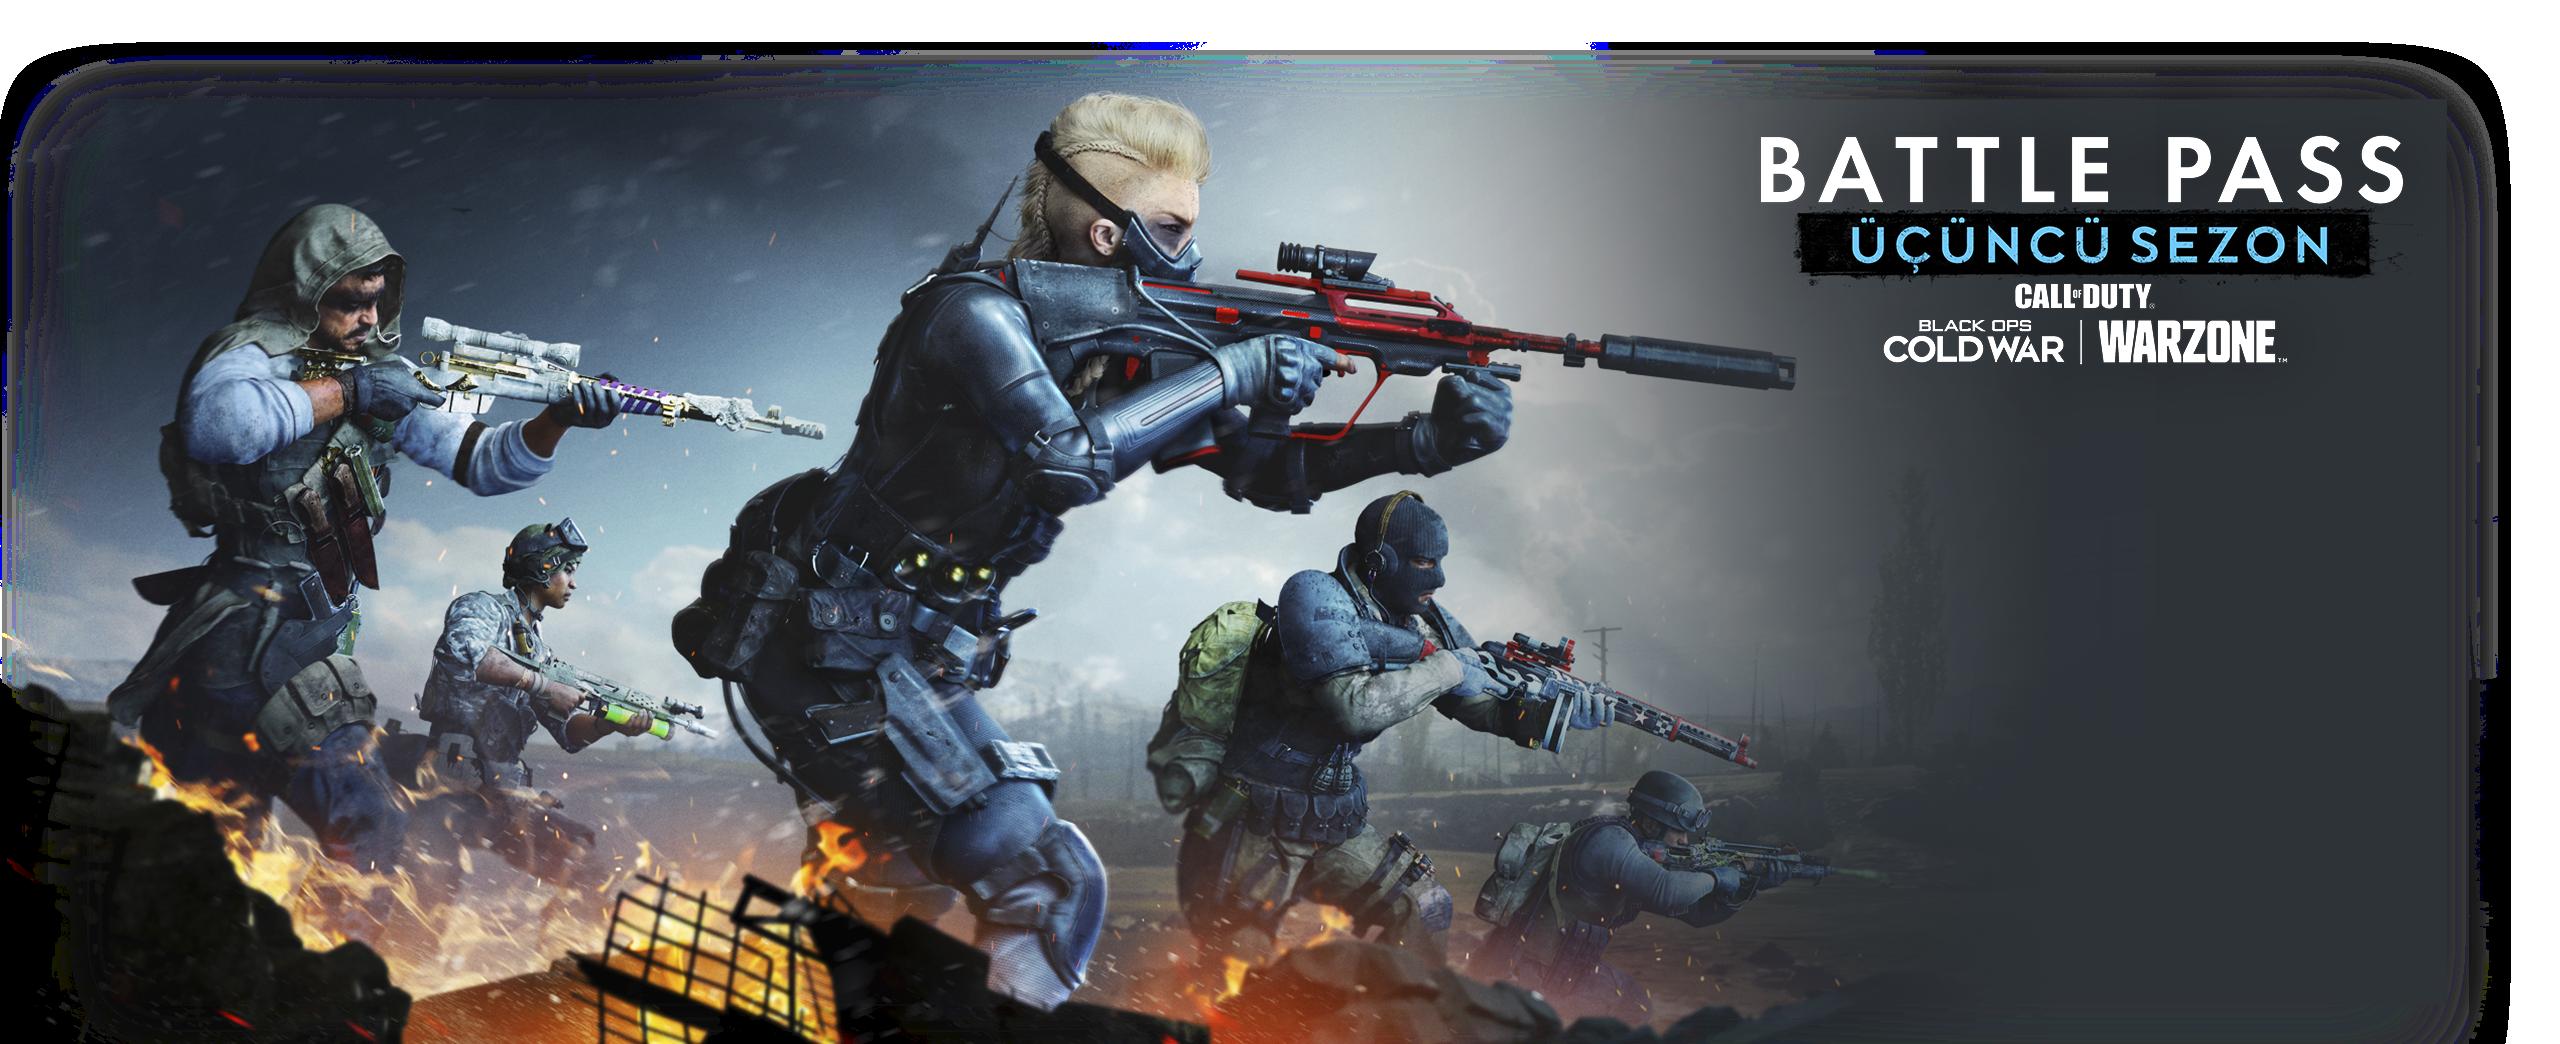 Call of Duty Battle Pass çizimi